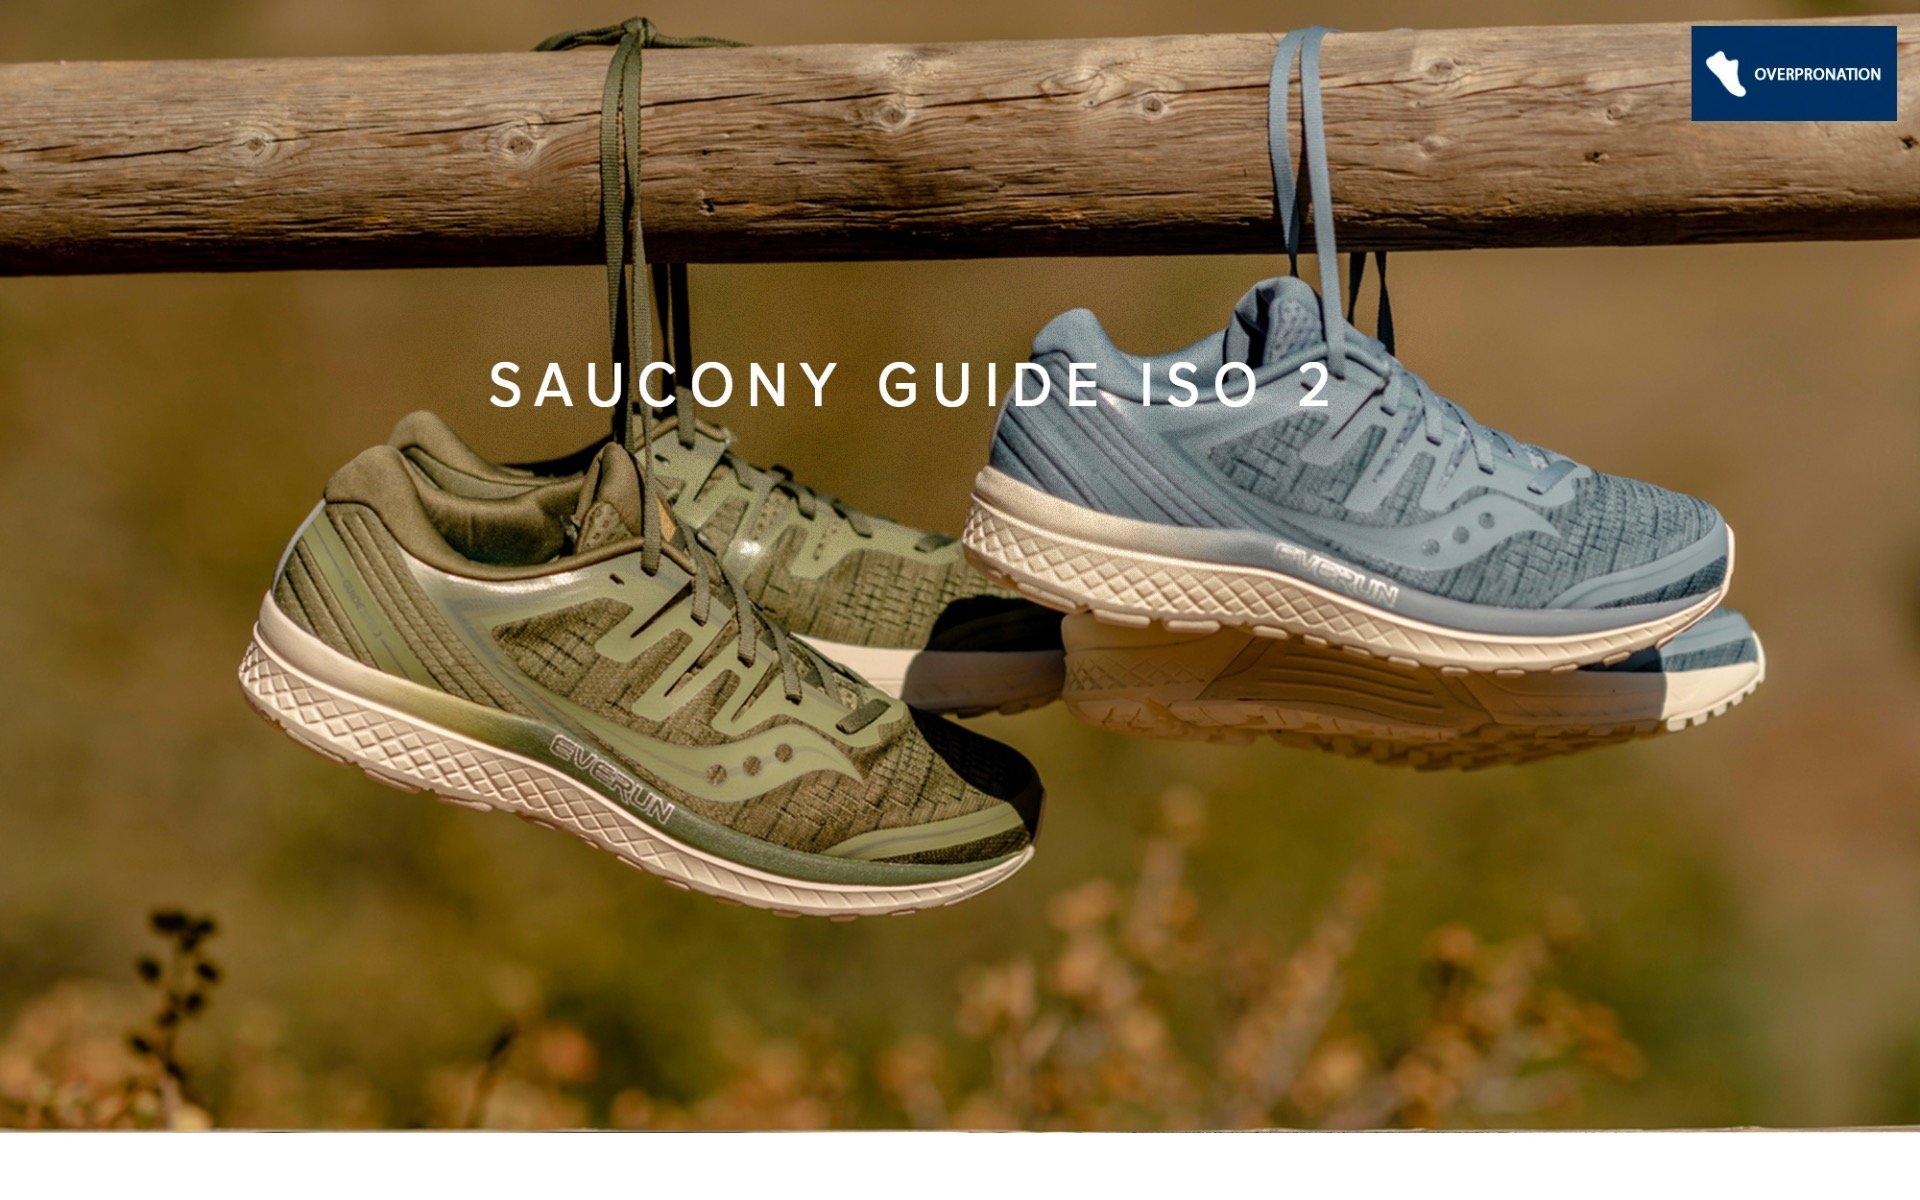 Køb Saucony GUIDE ISO 2 til dame og herre på kaisersport.dk med fri fragt